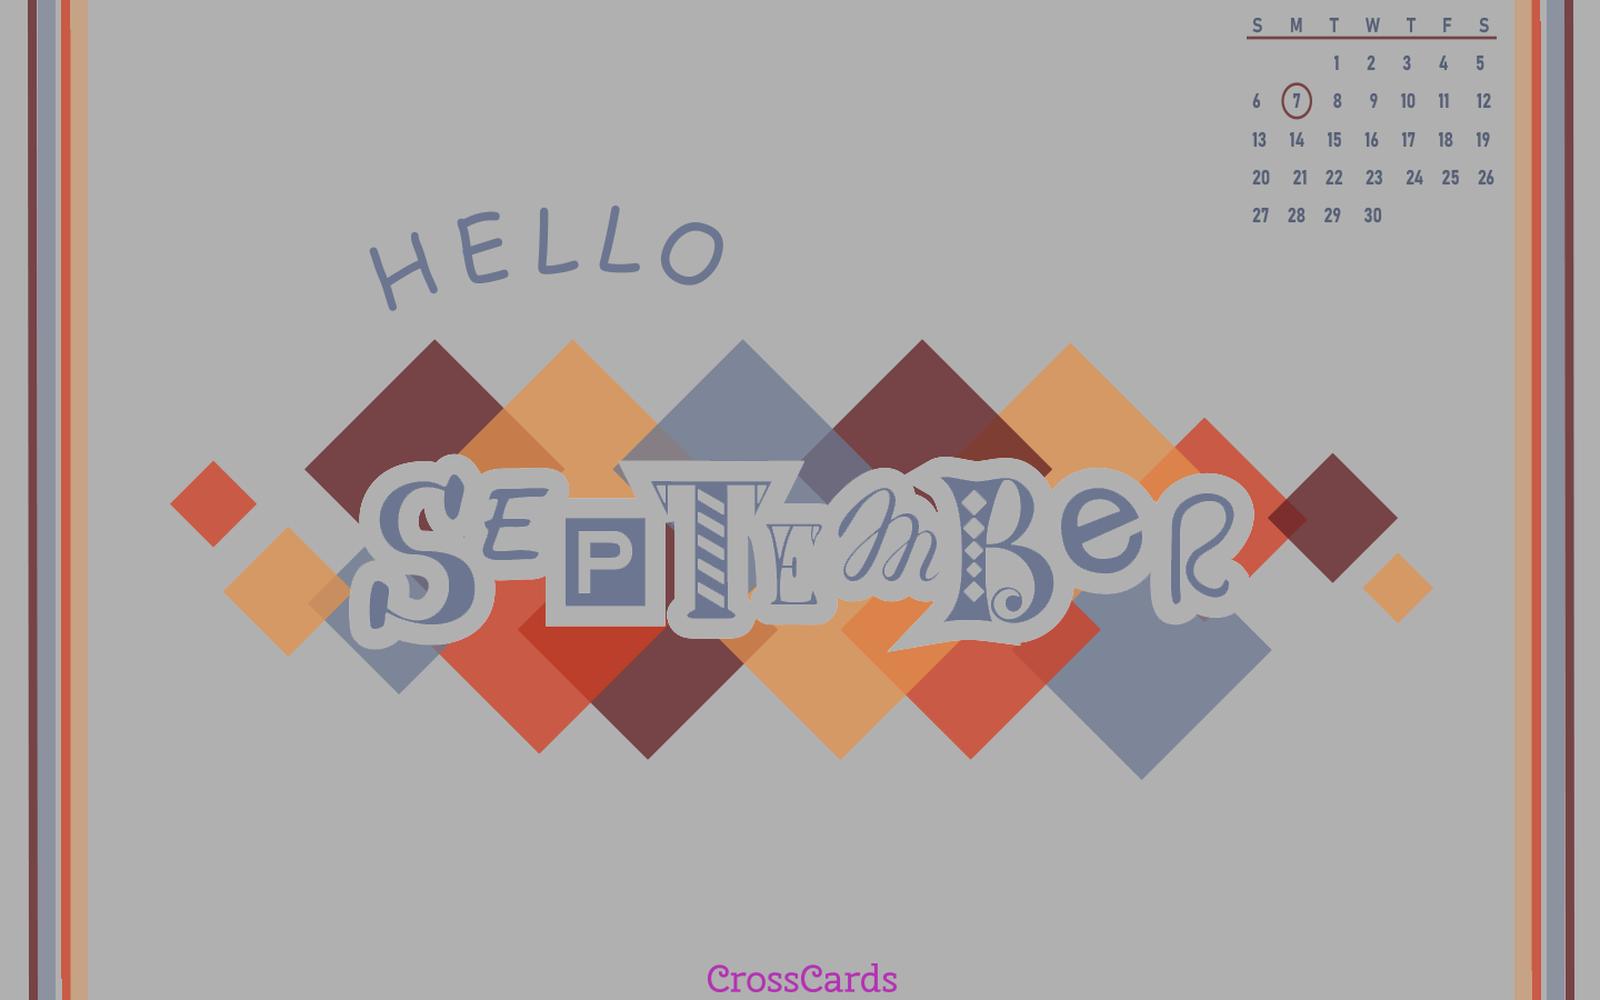 September 2020 - Hello September mobile phone wallpaper